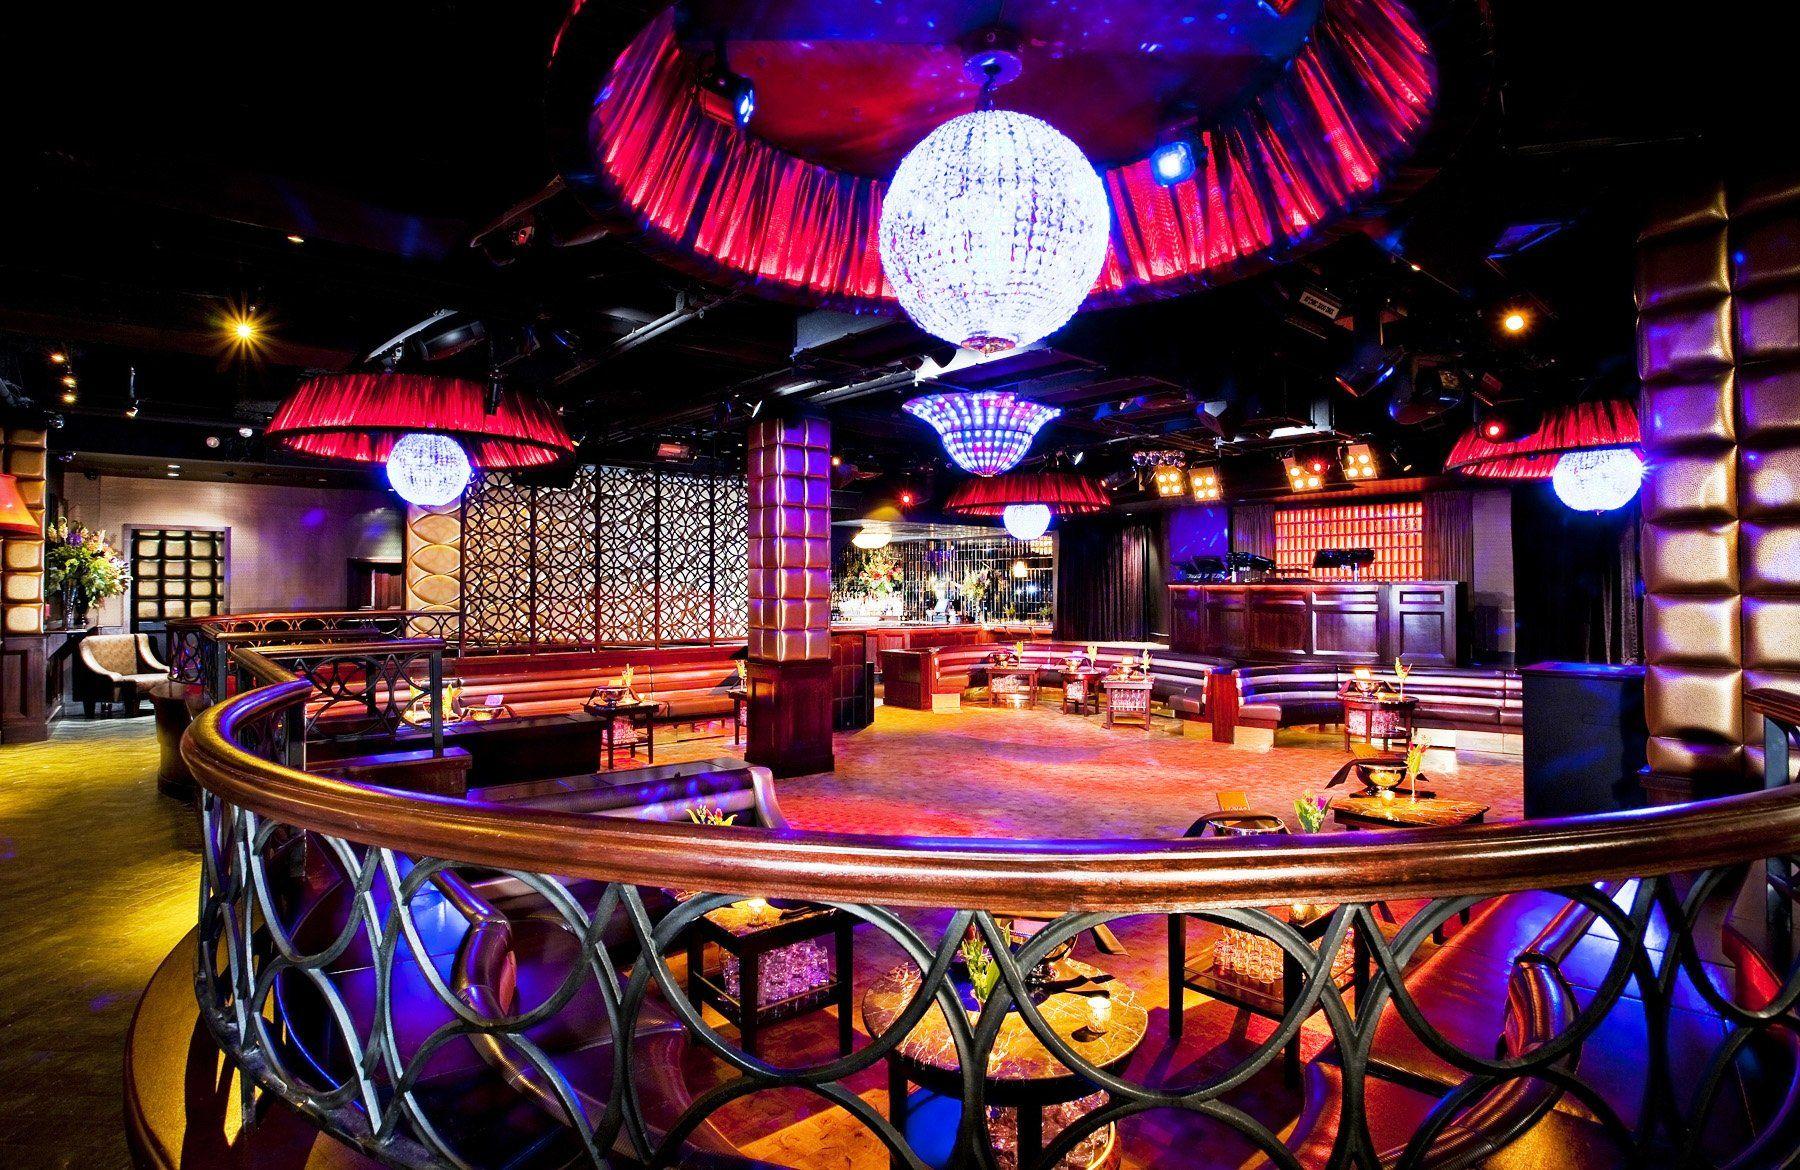 大型酒吧视频室内图片设计装修教学大厅装修怎么吊顶效果时尚图片